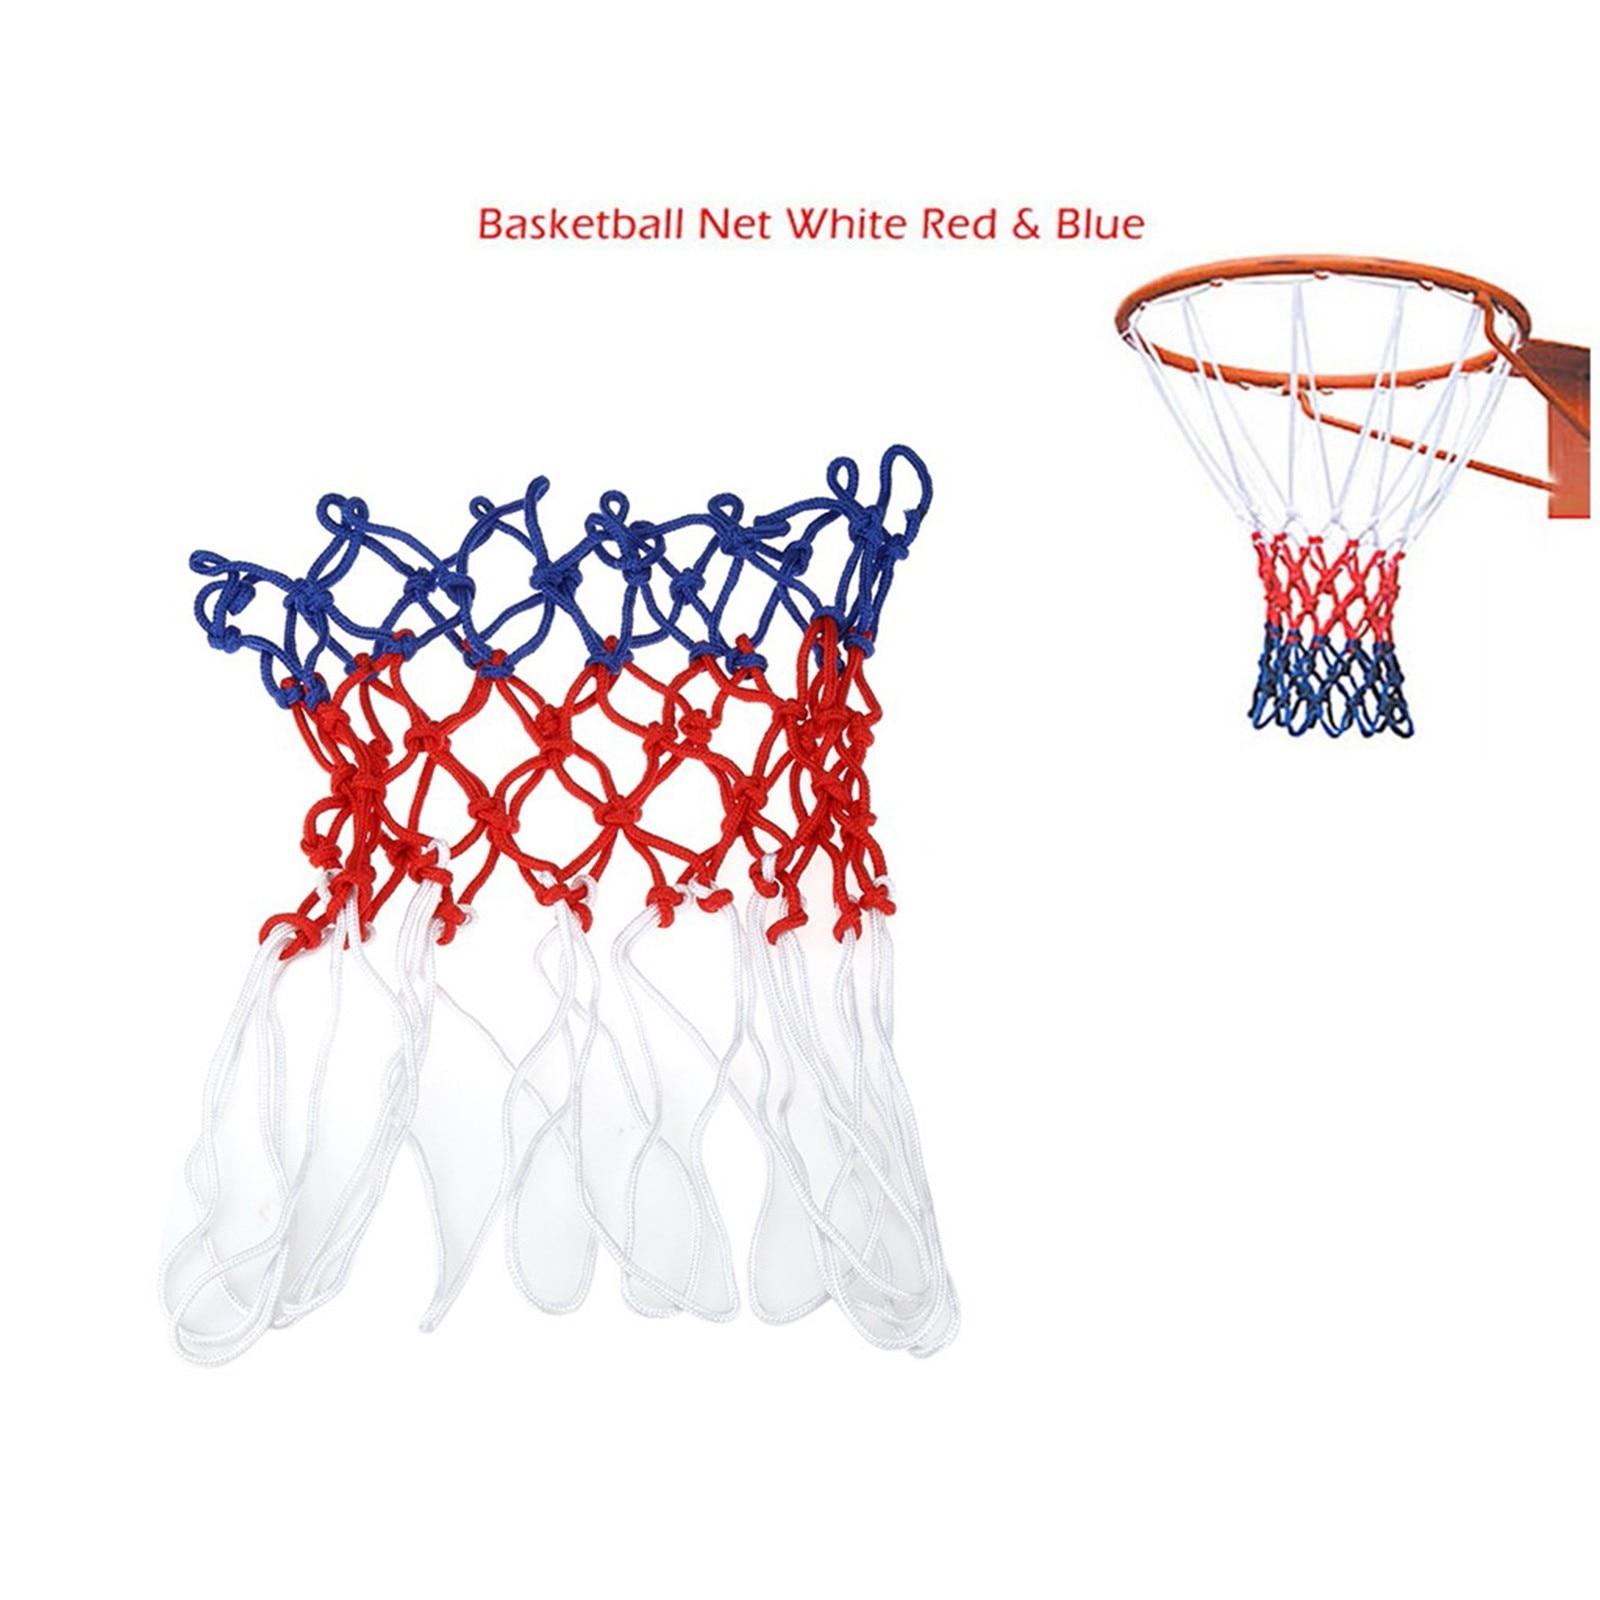 Сетка для баскетбола для спорта на открытом воздухе, стандартная нейлоновая нить, баскетбольное кольцо, сетка для баскетбола, окаймление, ш...